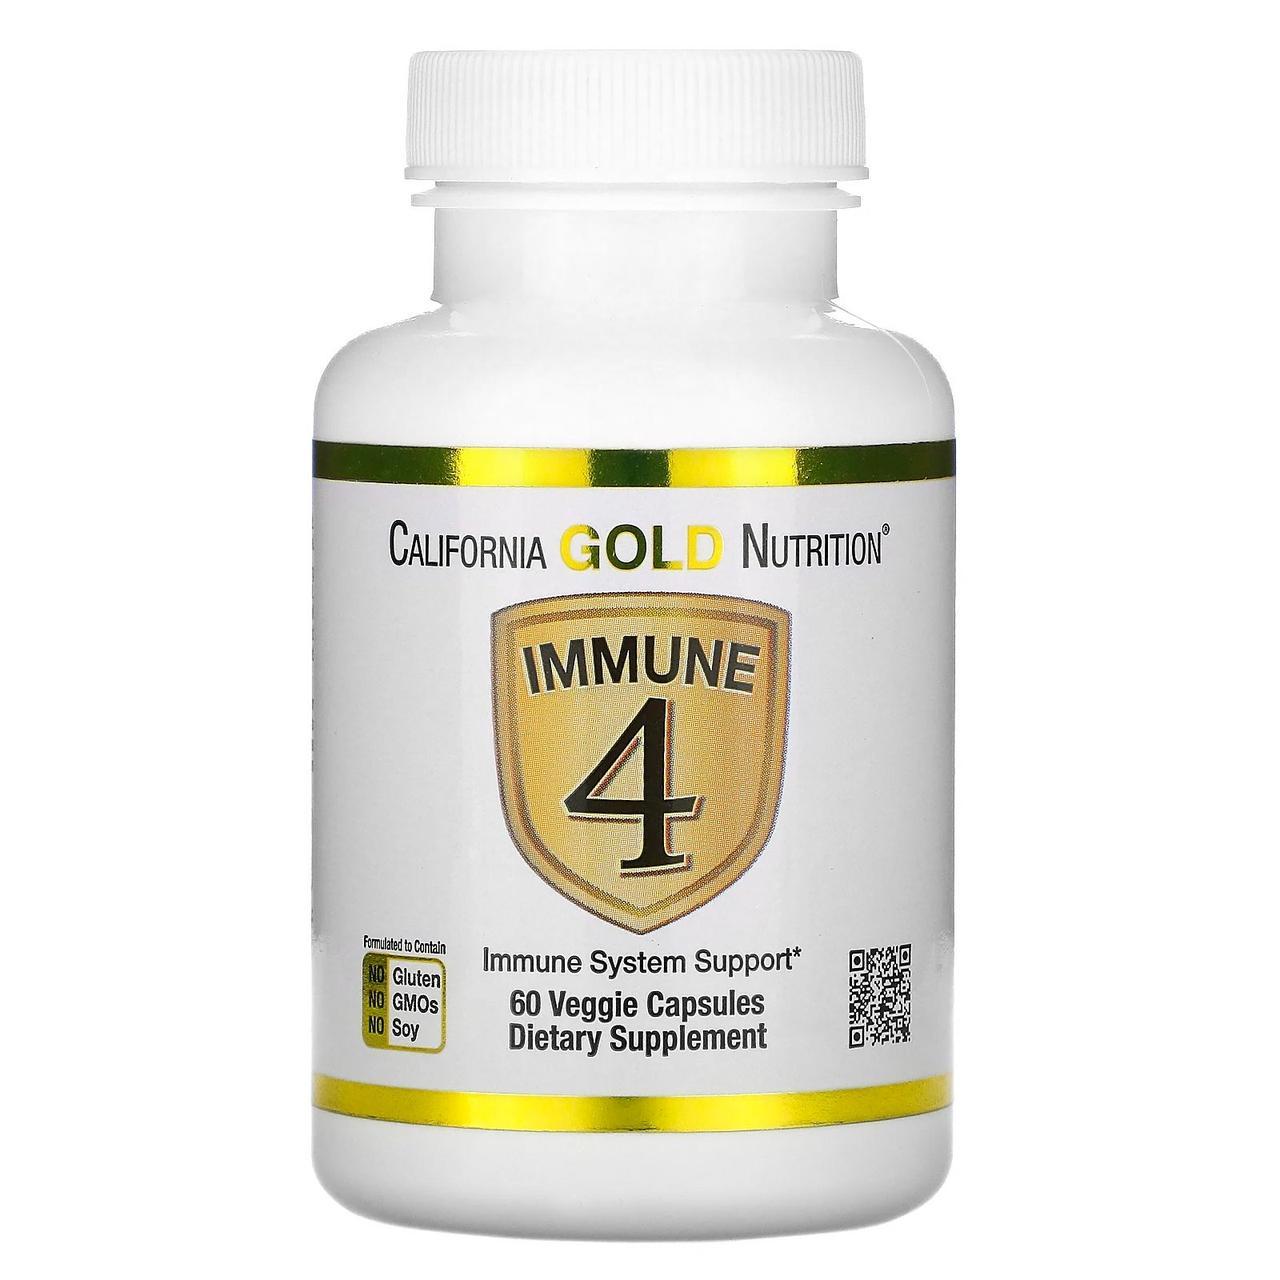 Витамин С, Д с цинком и селеном, Immune4, 60 растительных капсул, California Gold Nutrition